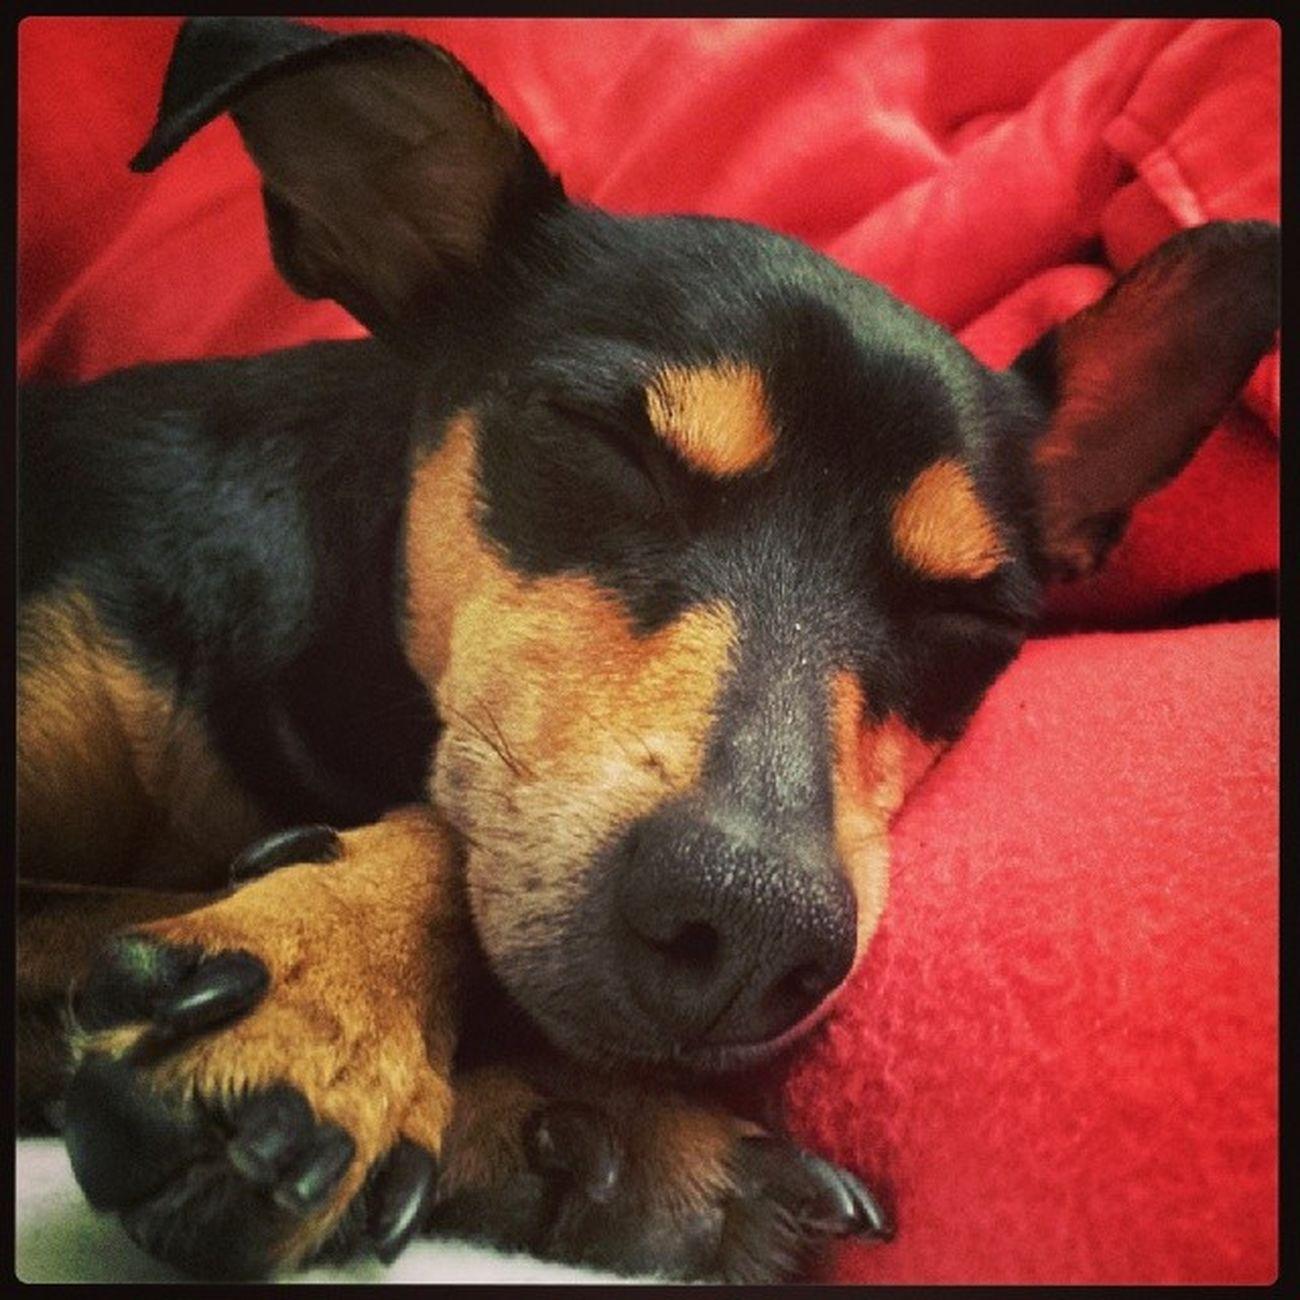 Pinscher Pincher Minipincher Minipinscher Zwergpinscher Zwerpincher Puppy Pet Dog Cute Happy Sleep Bestanimal Bestanimalvines Audrey Rescuedog Adopted